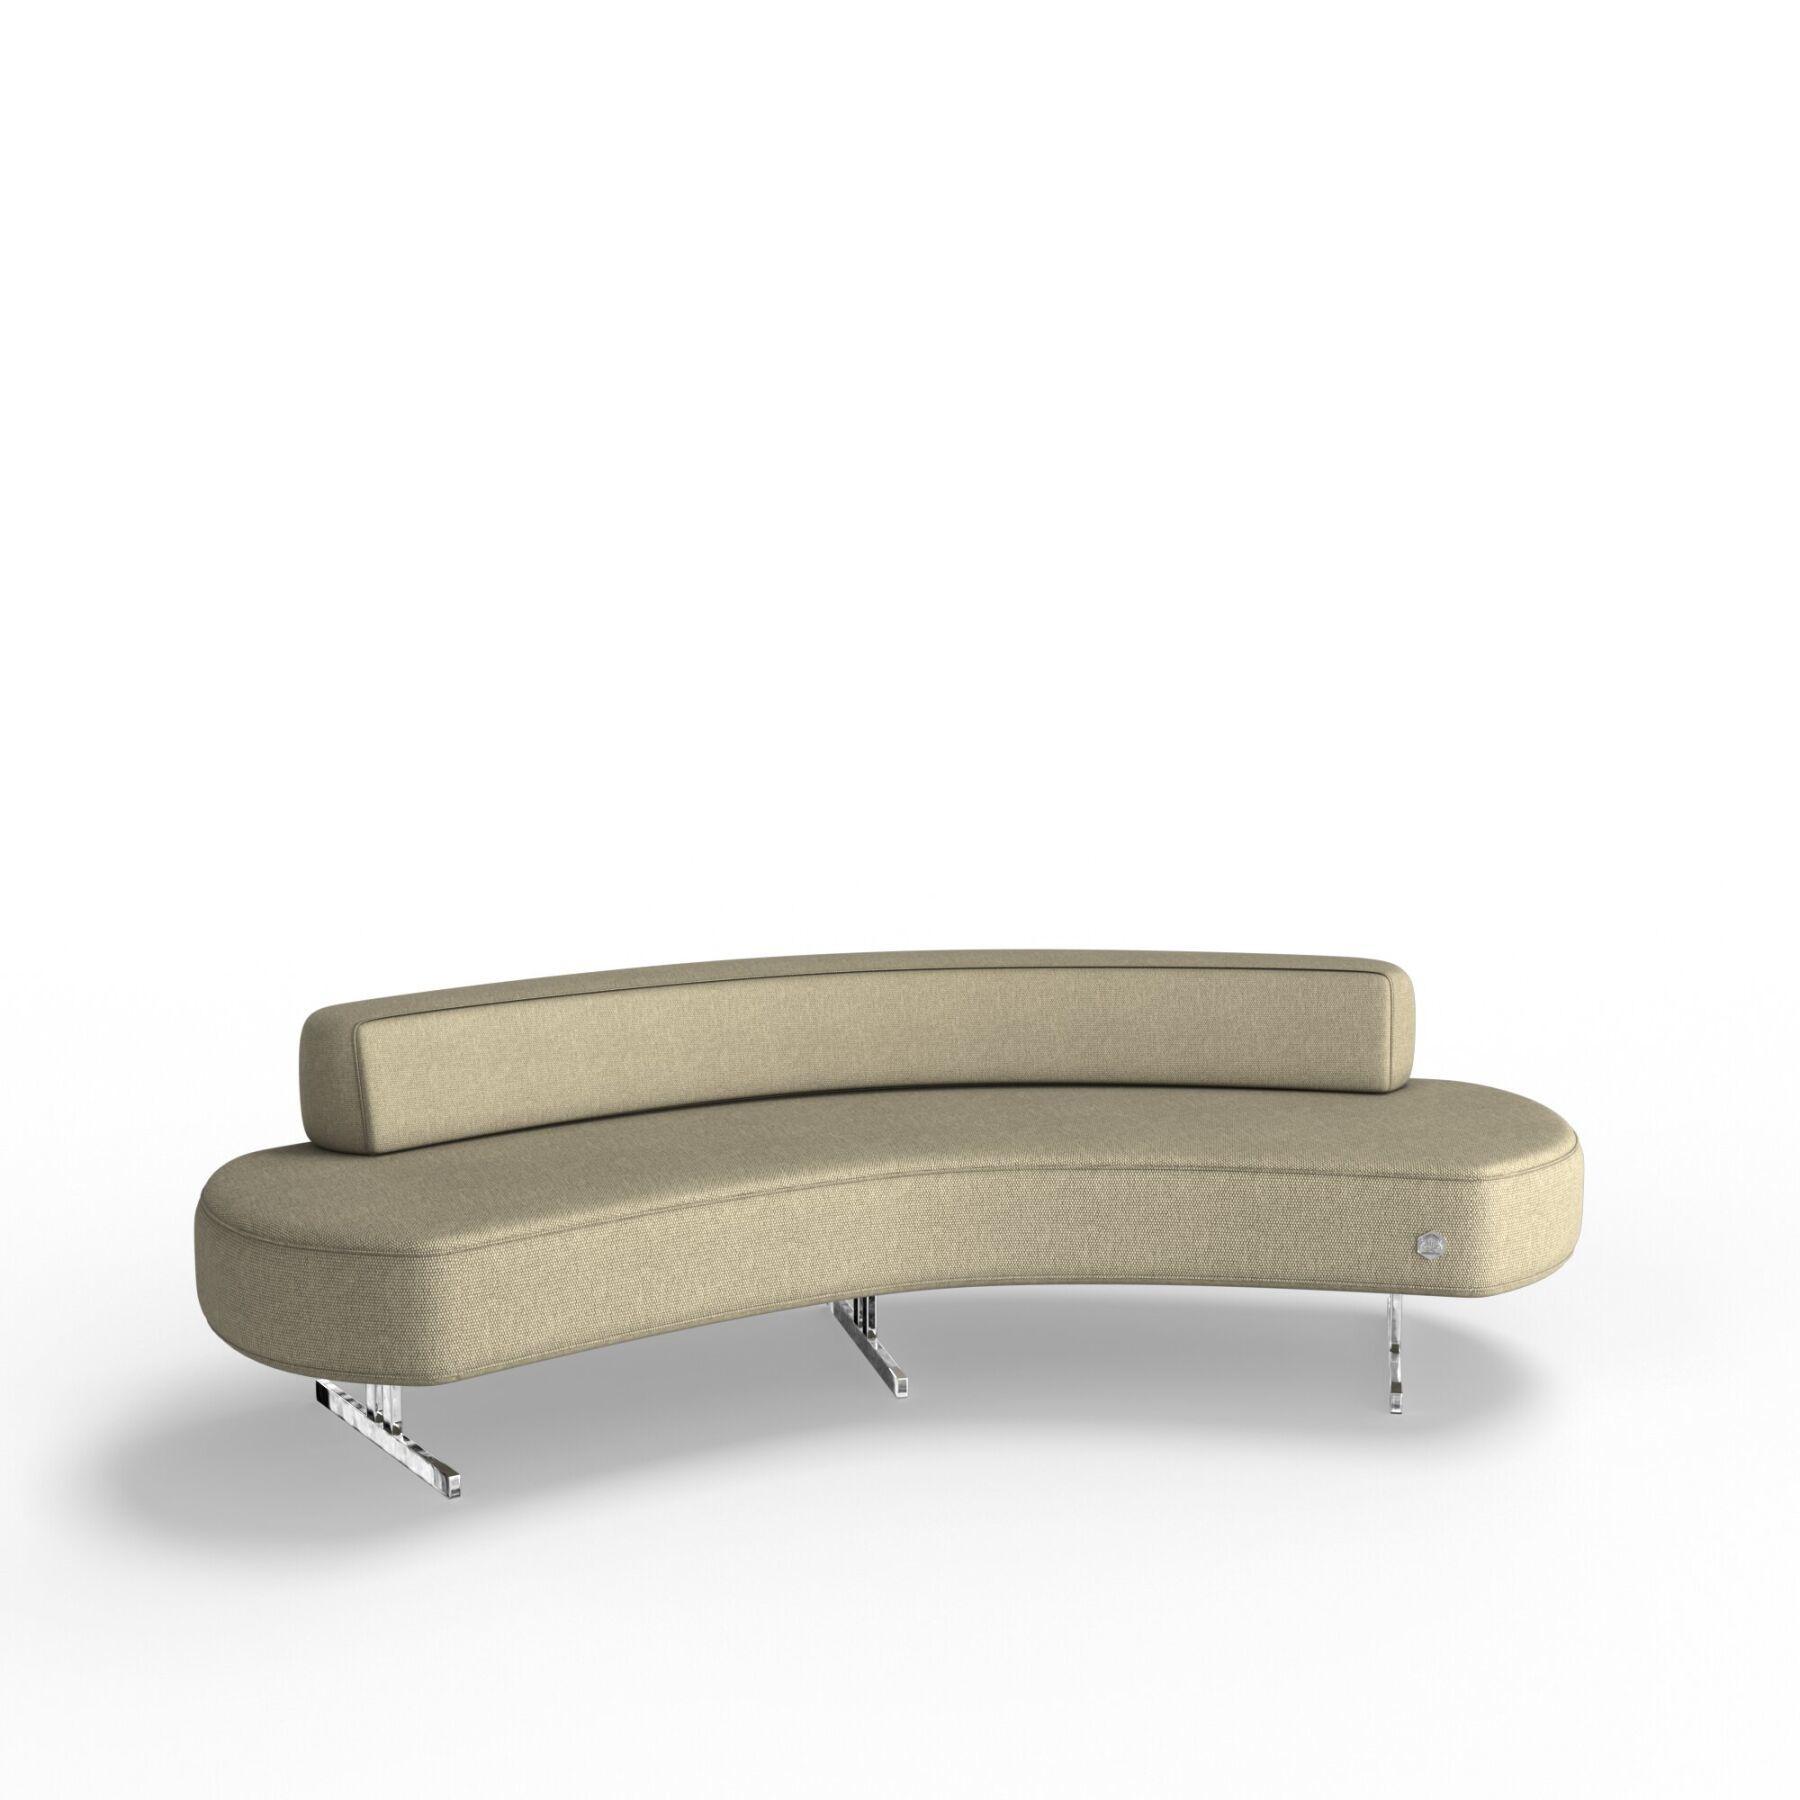 Трехместный диван KULIK SYSTEM FLEX_25 Ткань Целый